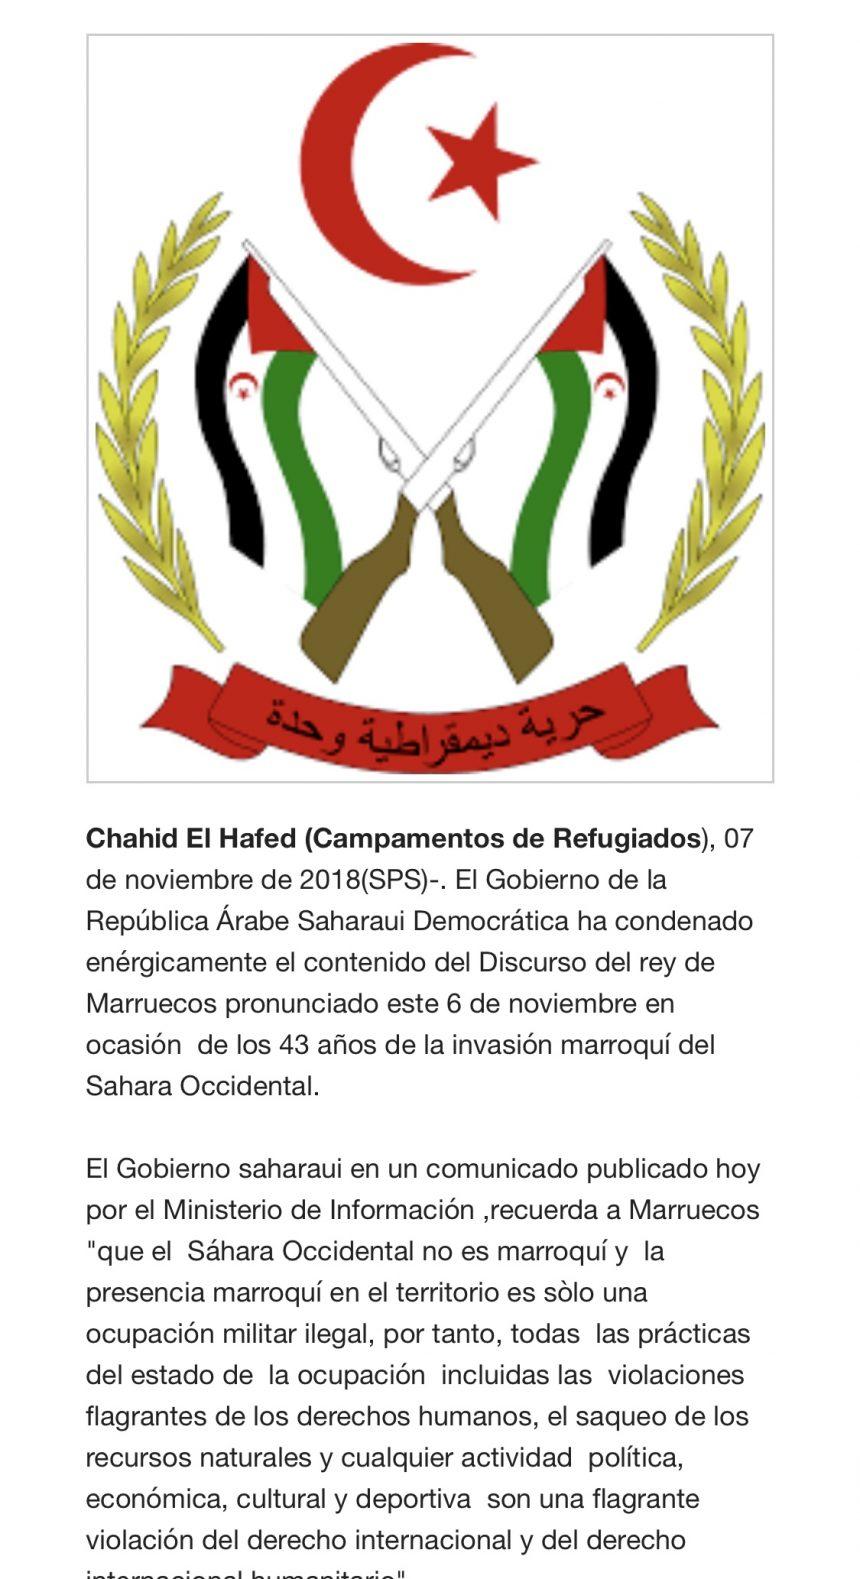 ⚡️ 🇪🇭 Las noticias saharauis del 7 de noviembre de 2018: La #ActualidadSaharaui de HOY 🇪🇭🇪🇭